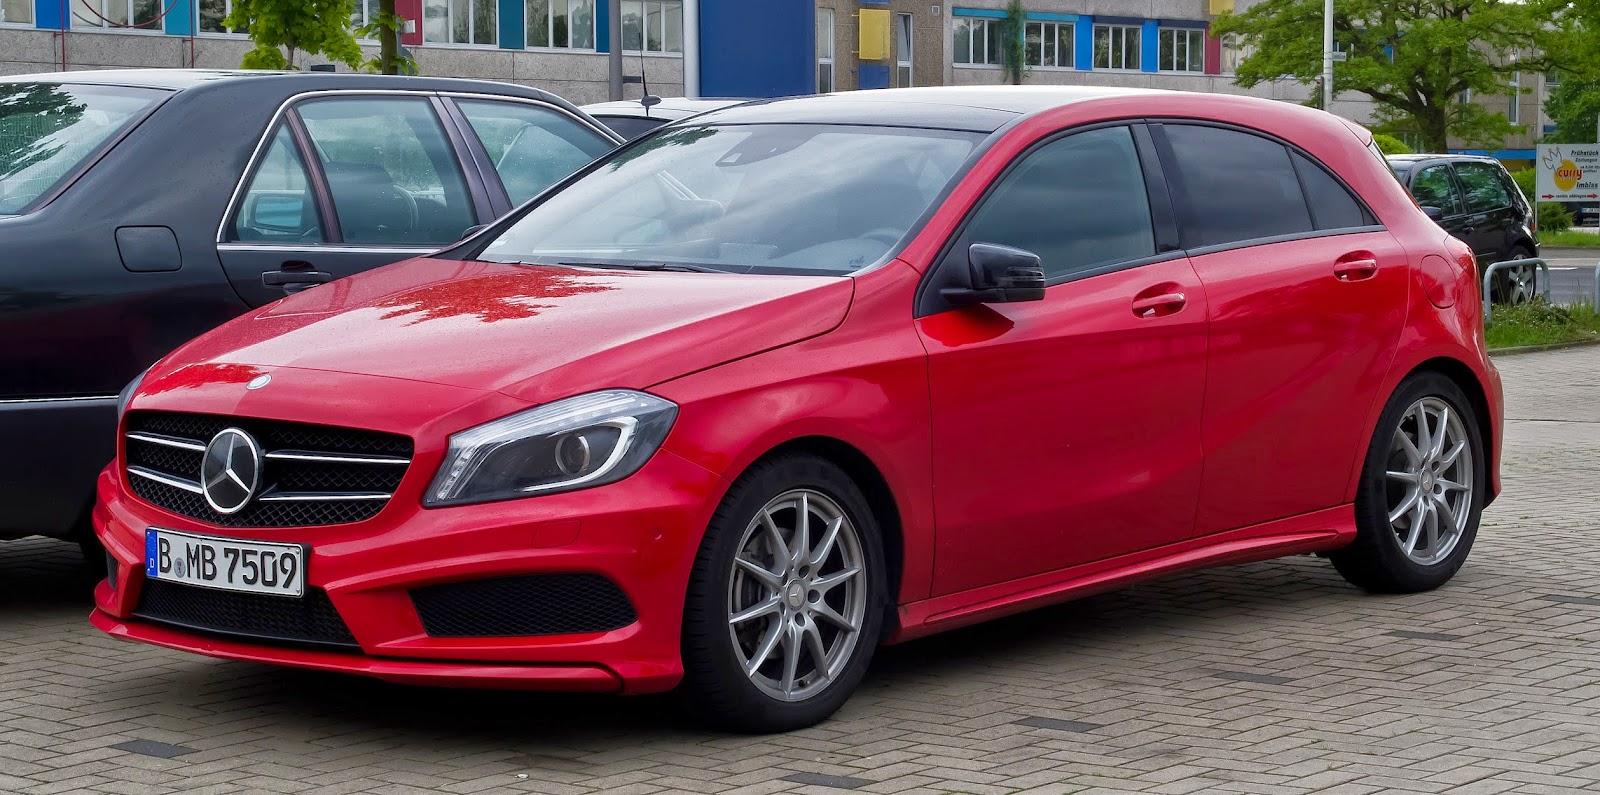 Mercedes-Benz A-Class (compact)